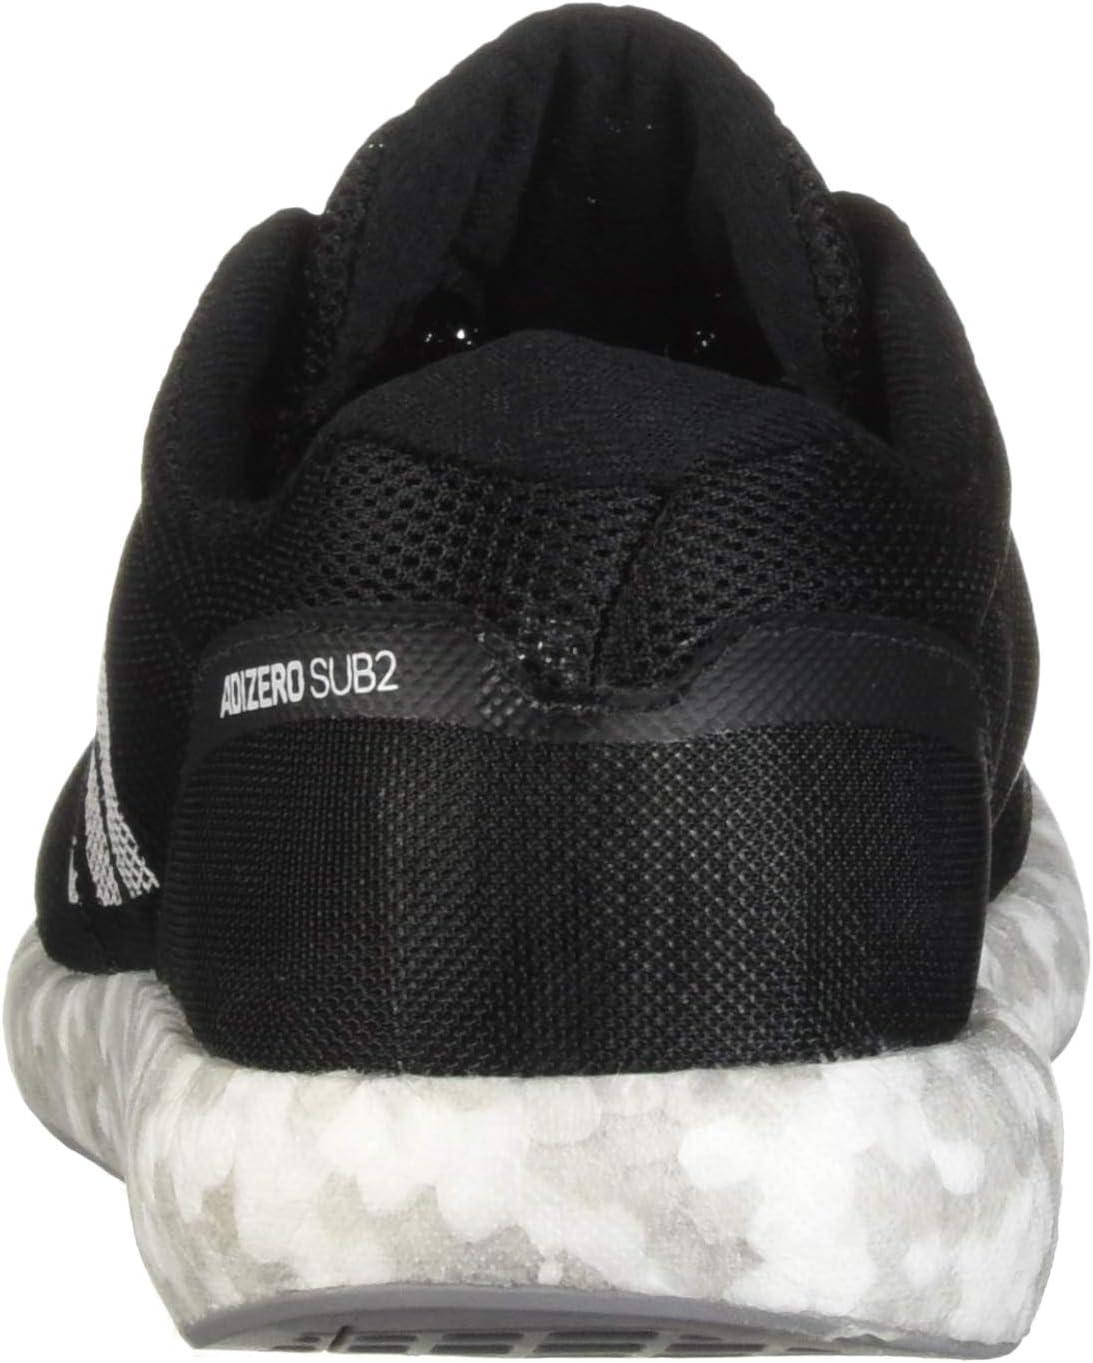 Adidas Adizero Sub2 Hardloopschoenen voor heren blauw (Hiraqu/Cblack/Ftwwht Hiraqu/Cblack/Ftwwht). 7Q7aFEvs